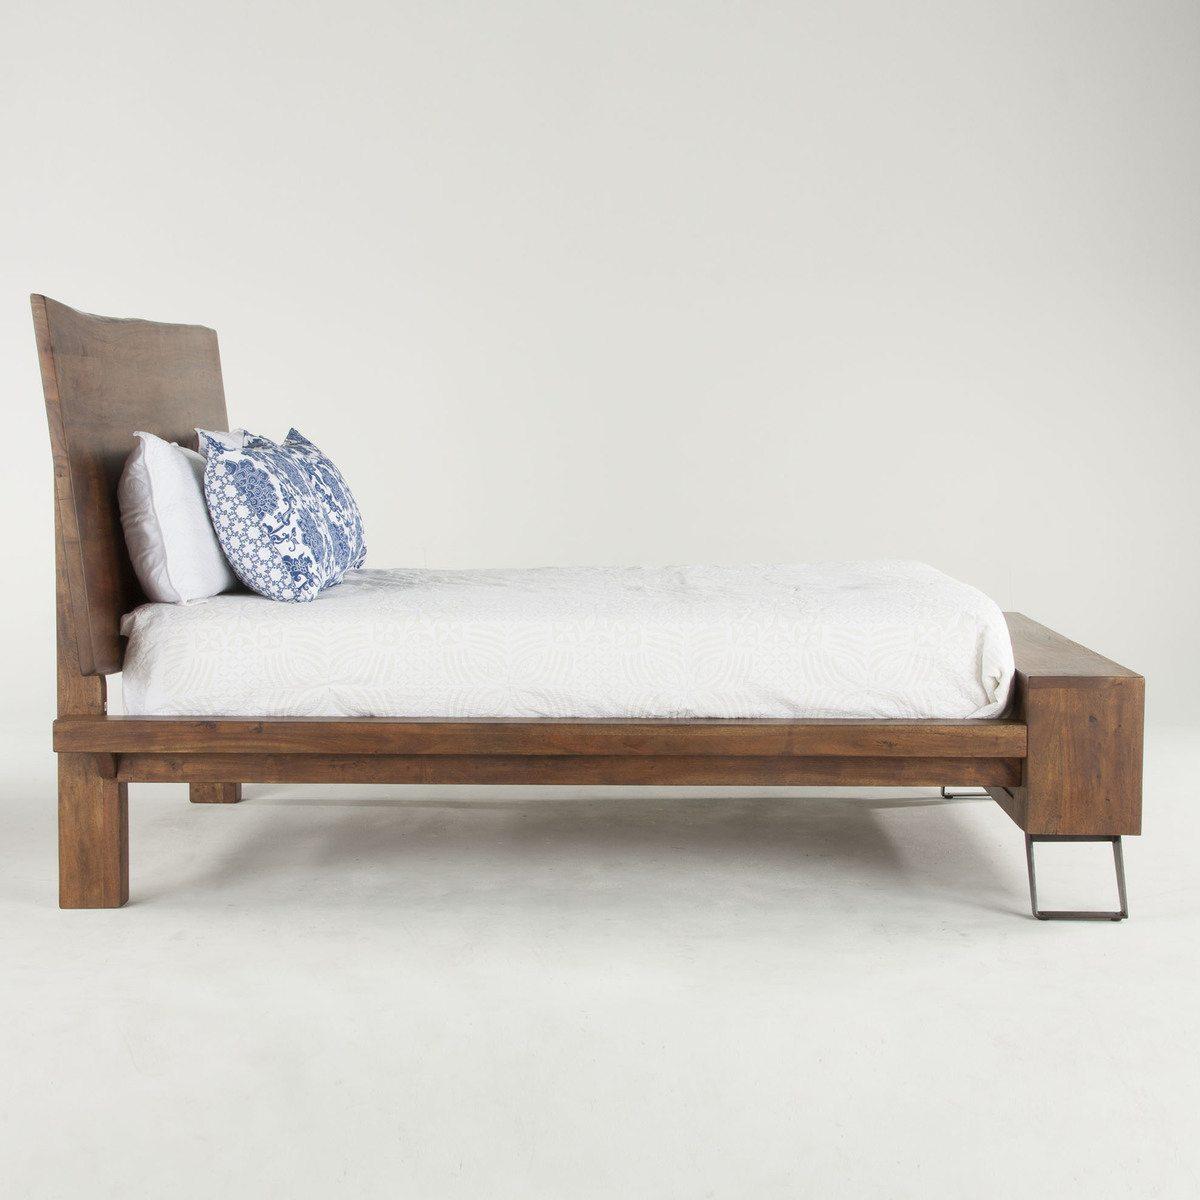 walnut-qn-bed-3